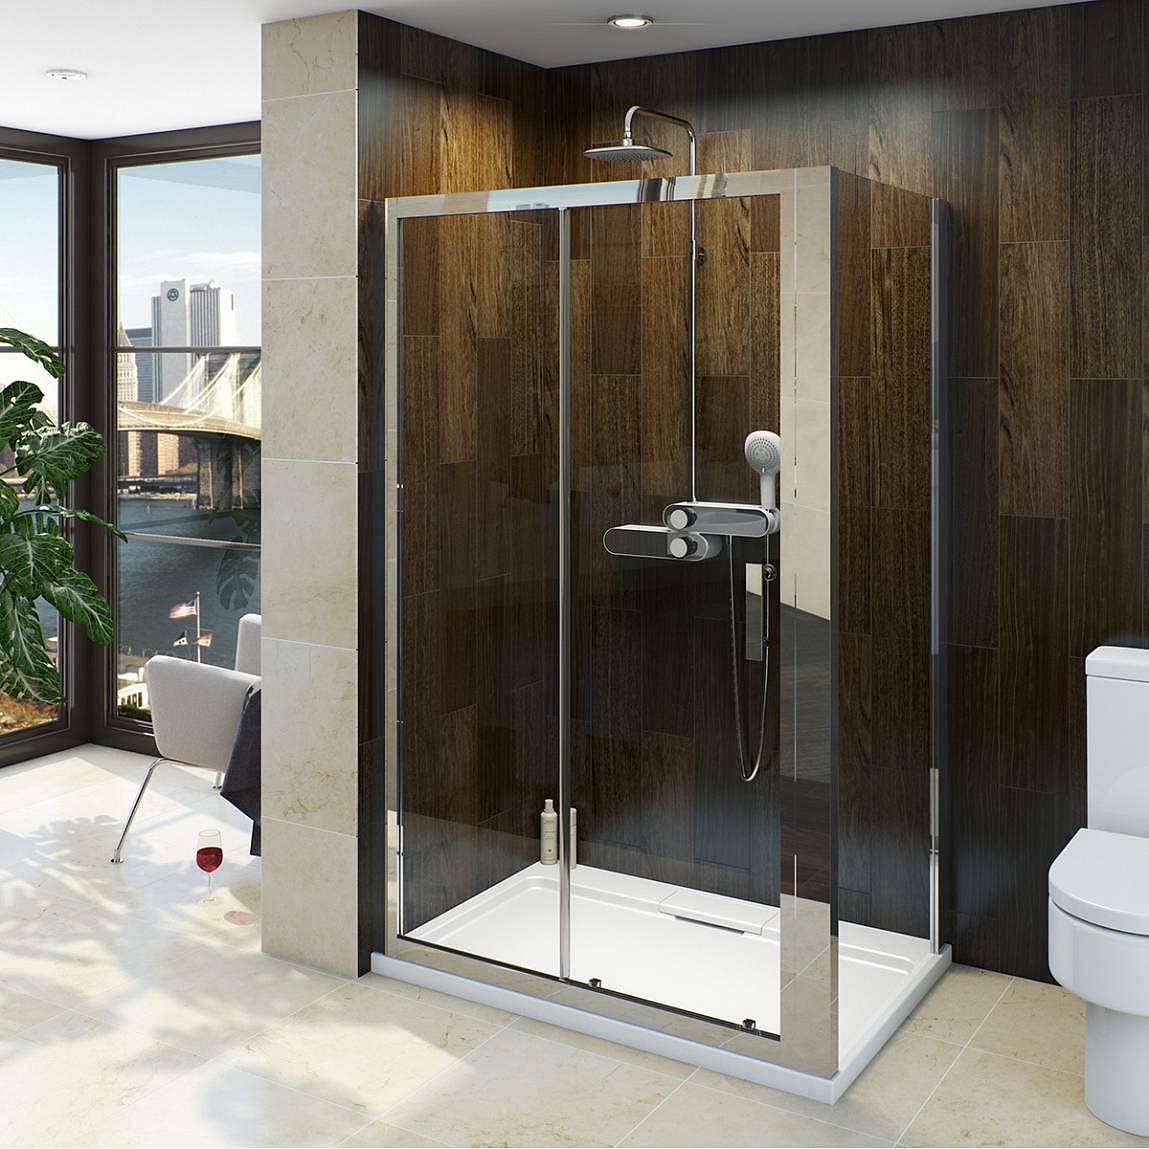 Image of V8 Framed Sliding Shower Enclosure 1200 x 900